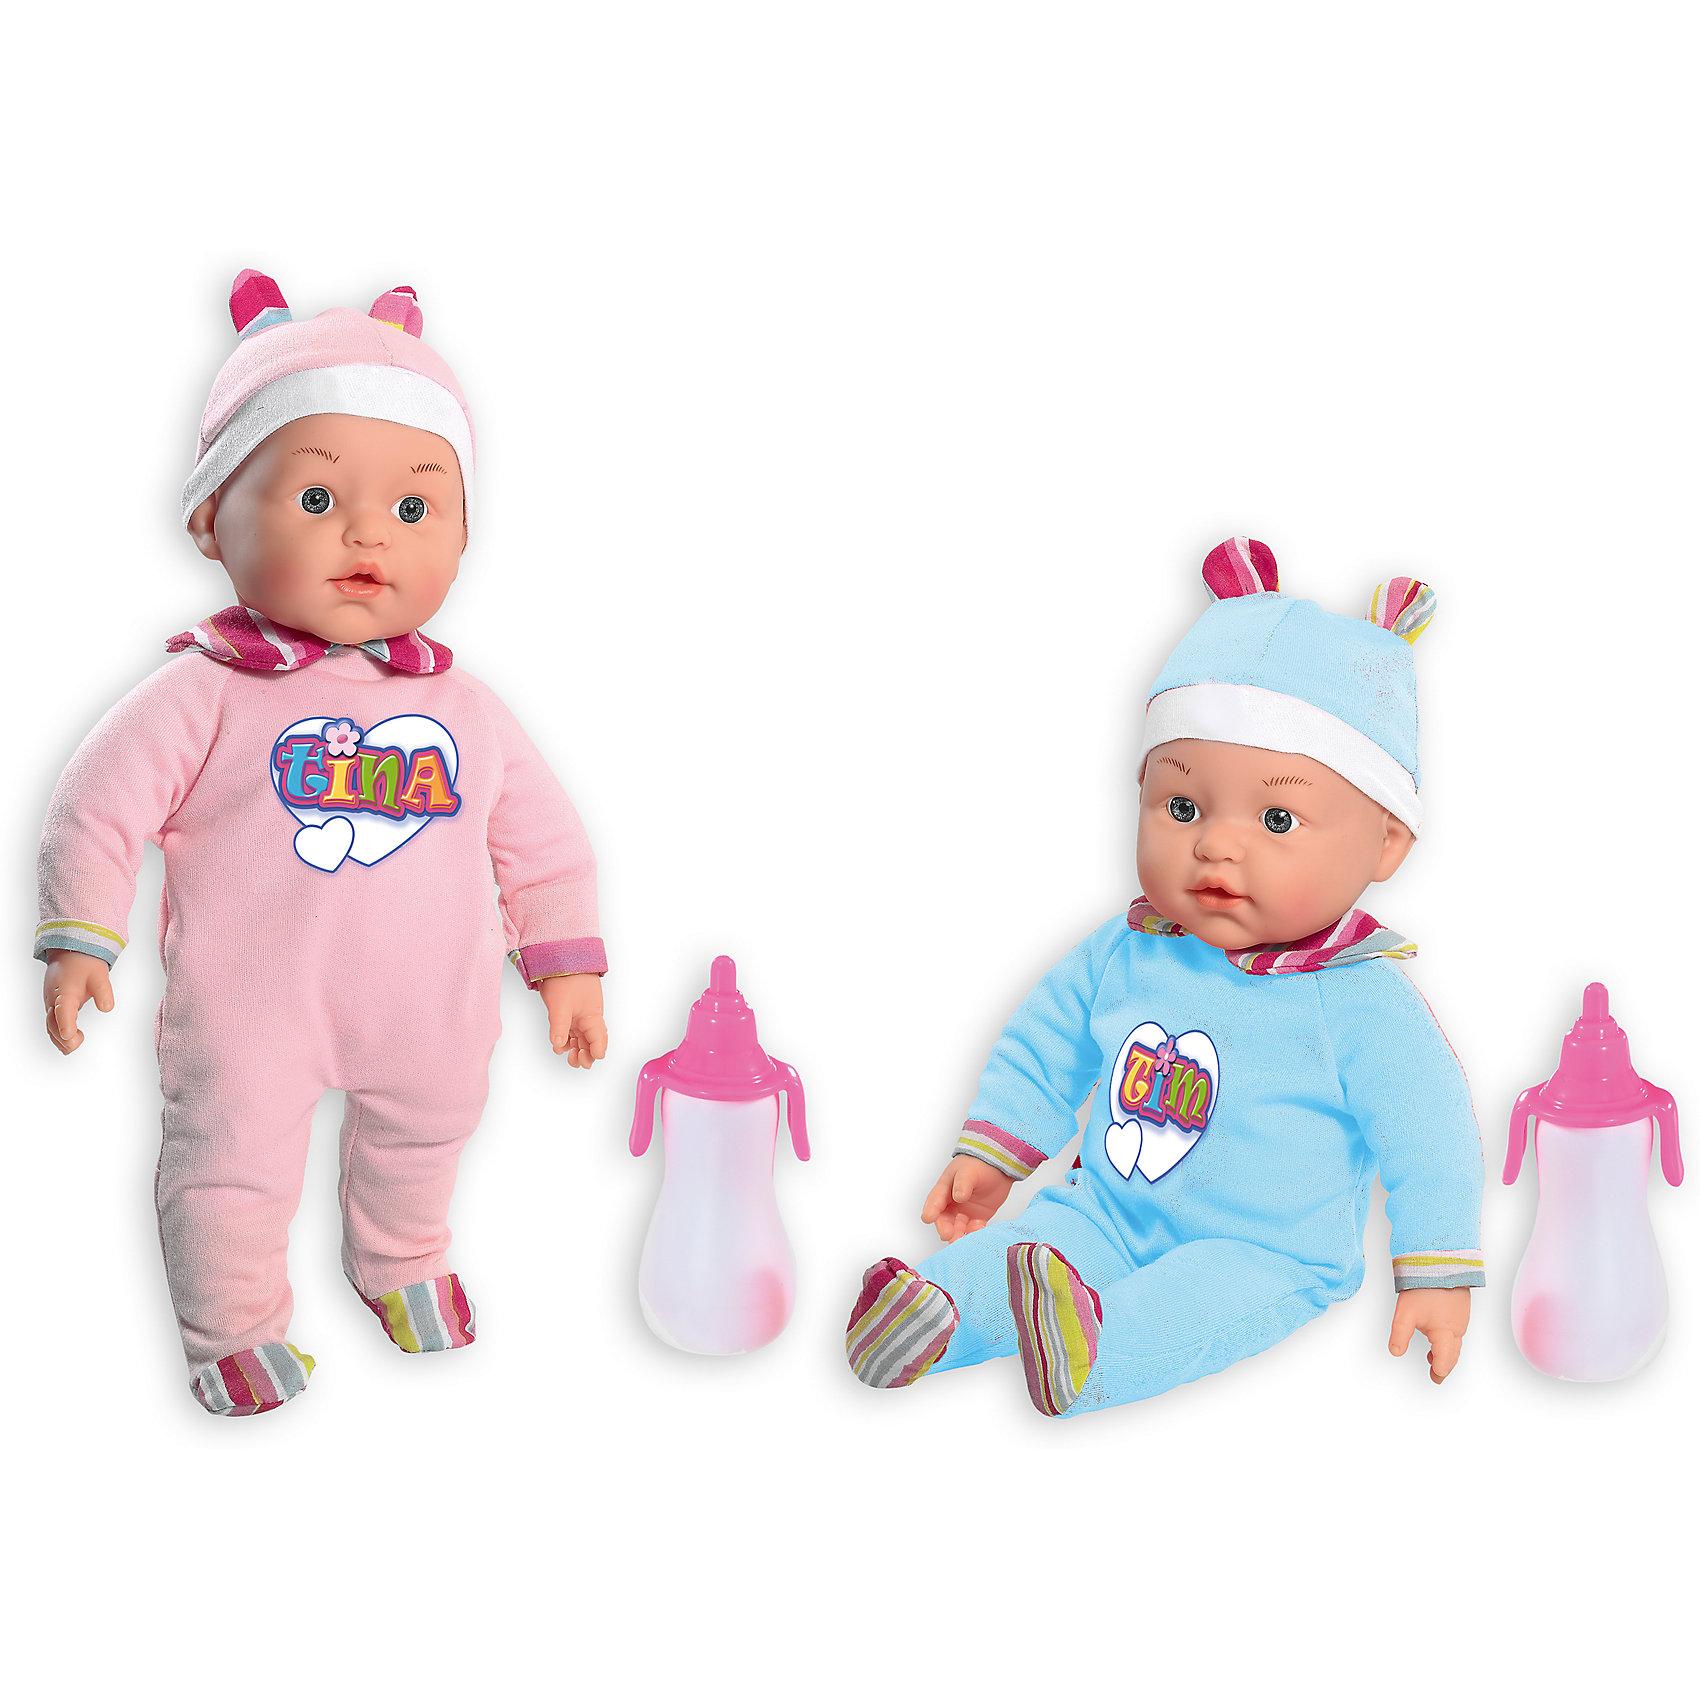 Куклы My Dolly Sucette близняшки, Loko ToysКуклы-пупсы<br>Характеристики товара:<br><br>• возраст: от 1,5 лет;<br>• материал: пластик, текстиль, ПВХ;<br>• в комплекте: 2 куклы, 2 соски, 2 бутылочки;<br>• высота куклы: 37 см;<br>• размер упаковки: 43х41х13 см;<br>• вес упаковки: 1,11 кг;<br>• страна производитель: Китай.<br><br>Куклы «My Dolly Sucette» Loko Toys близняшки — очаровательные близнецы Тим и Тина. Они одеты в шапочки с ушками и комбинезоны, на которых имеется принт с их именами. В комплекте аксессуары по уходу за малышами. Для кормления предусмотрена удобная бутылочка. <br><br>Когда малыши заплачут, можно дать им соску, успокоить и убаюкать. Пупсов можно брать с собой на прогулку, в детский садик, в гости. Игра с куклой привьет девочке любовь, чувство ответственности, заботы и помощи окружающим. <br><br>Кукол «My Dolly Sucette» Loko Toys близняшки можно приобрести в нашем интернет-магазине.<br><br>Ширина мм: 430<br>Глубина мм: 130<br>Высота мм: 410<br>Вес г: 1110<br>Возраст от месяцев: 18<br>Возраст до месяцев: 2147483647<br>Пол: Женский<br>Возраст: Детский<br>SKU: 6759071